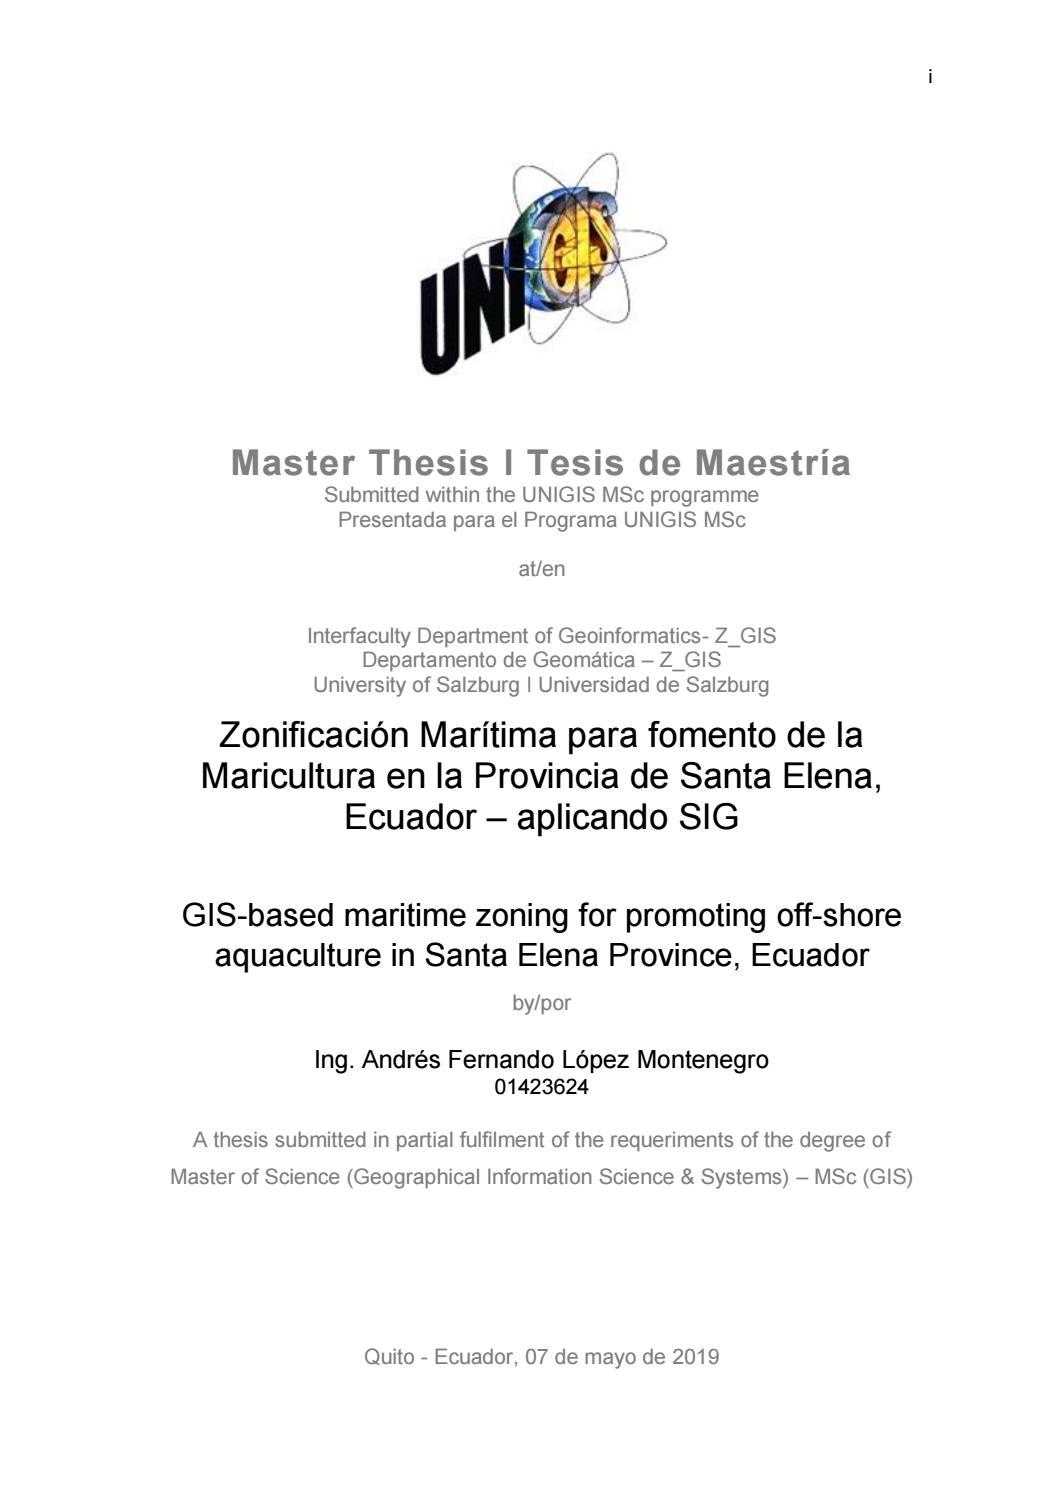 Zonificación Marítima Para Fomento De La Maricultura En La